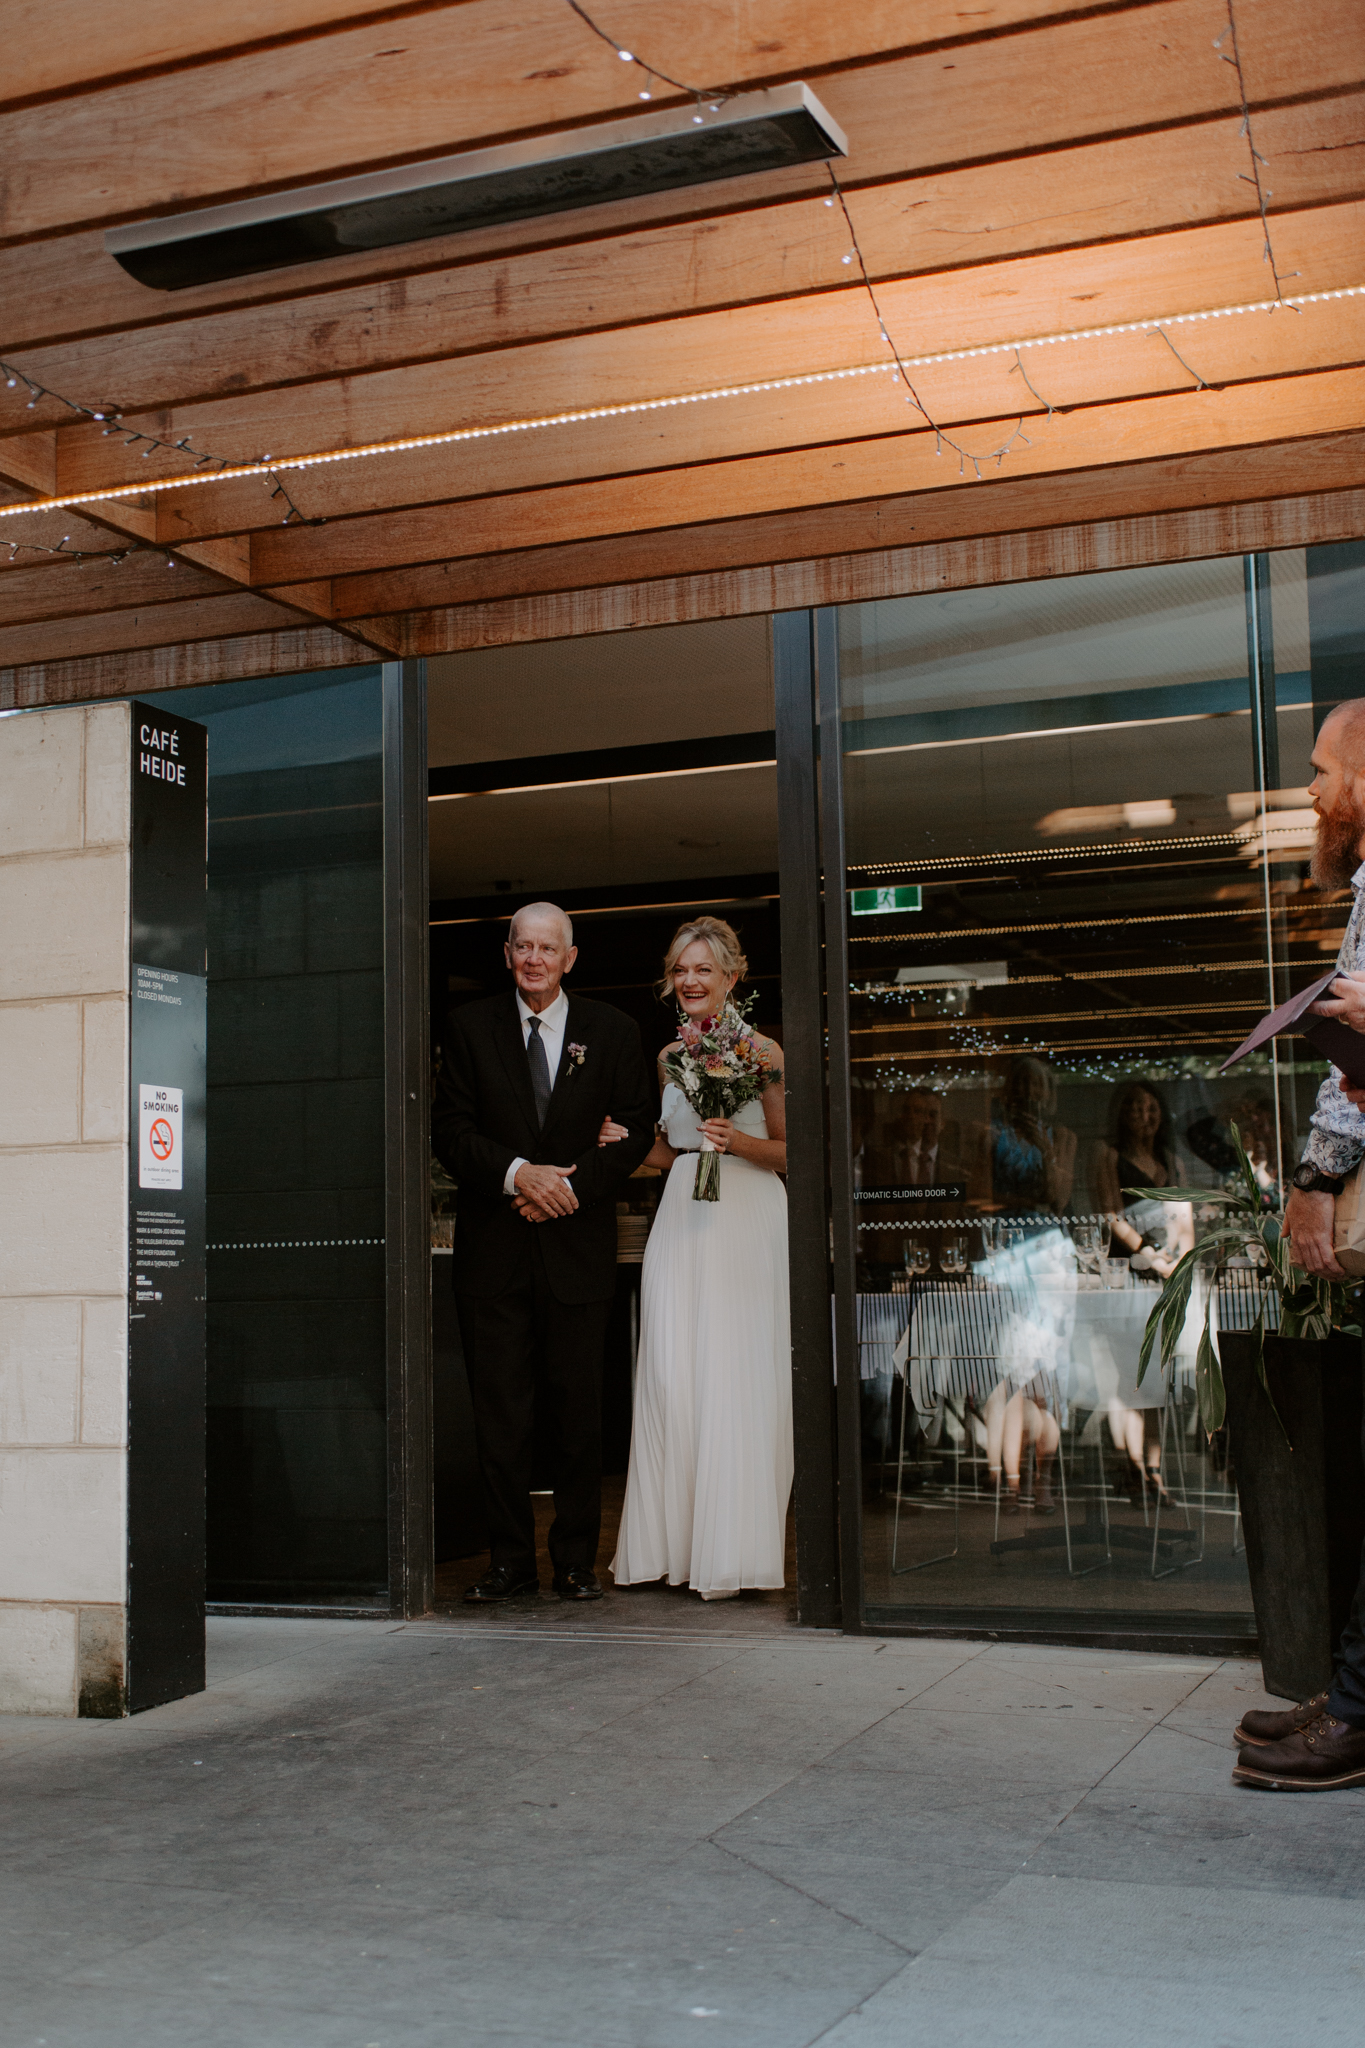 Heide-Museum-of-Modern-Art-Wedding-Emotions-and-Math-027.jpg